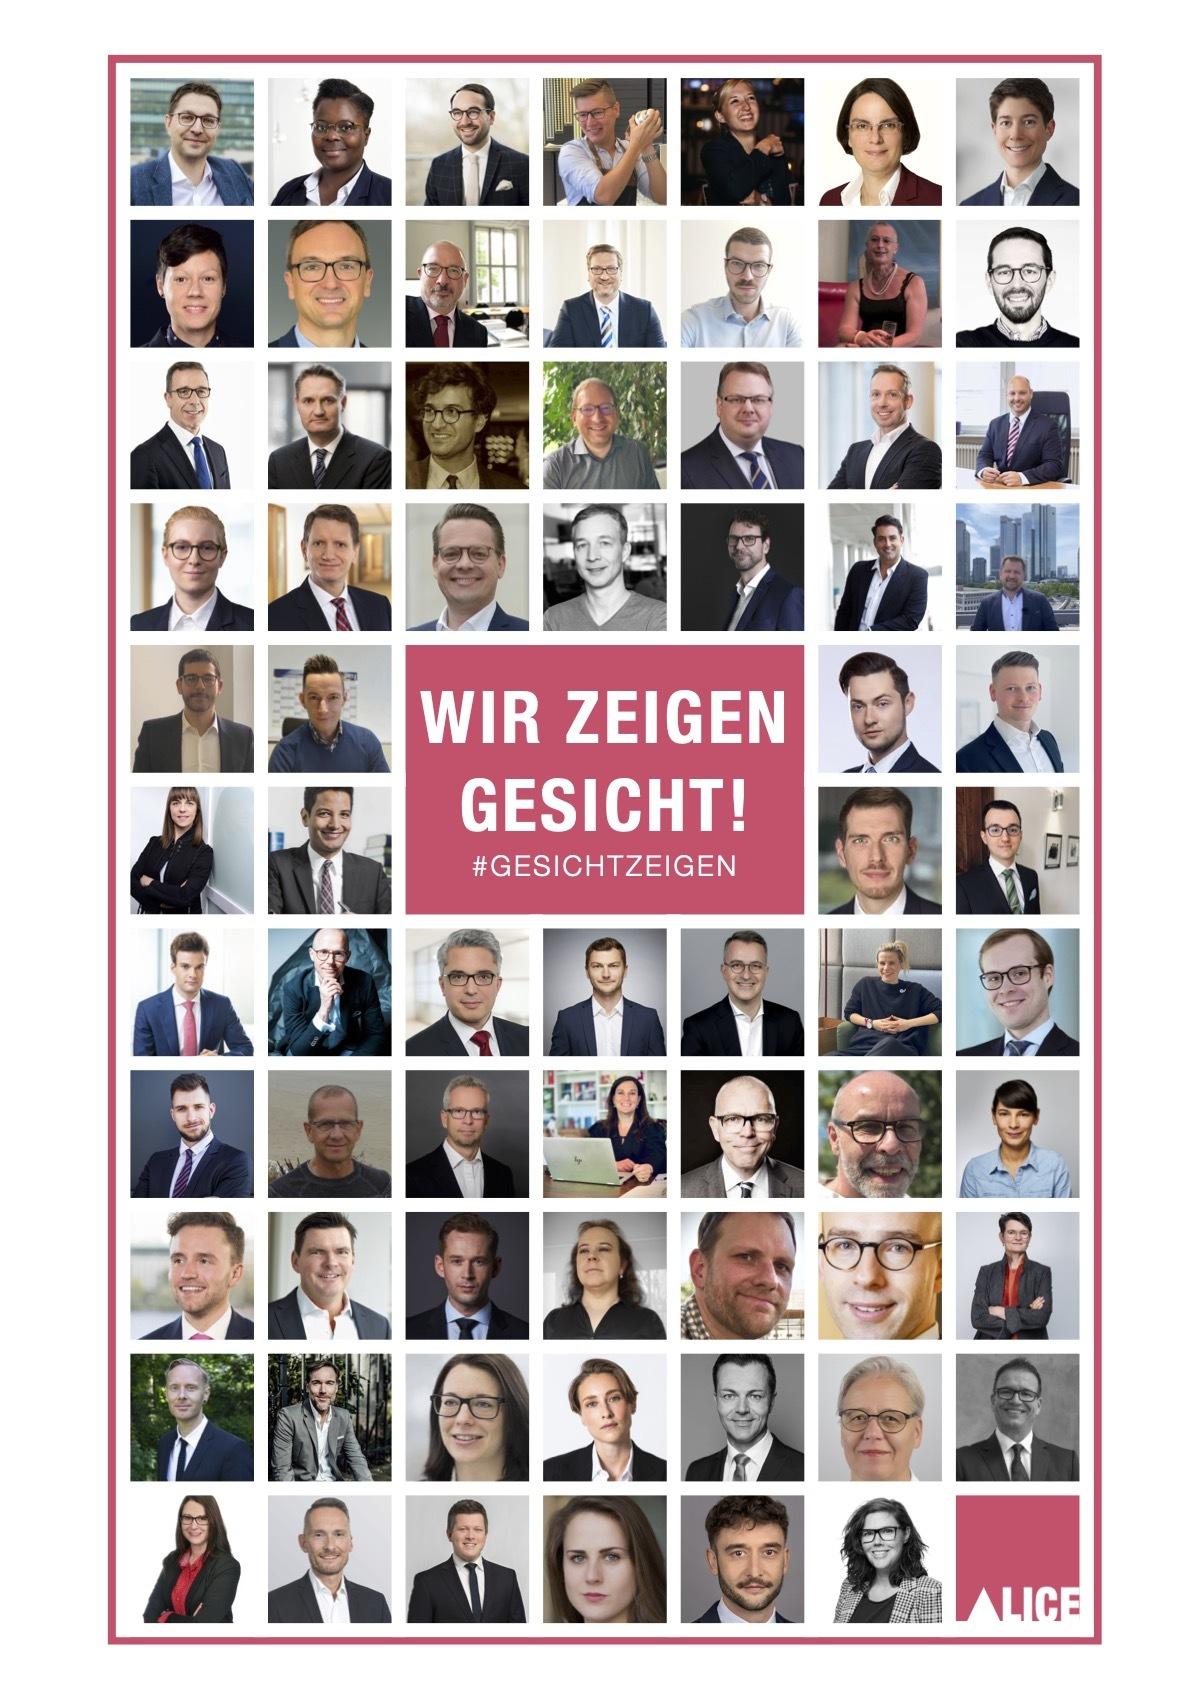 Vorbilder für mehr Offenheit im Job: 70 LGBTIQ+ Jurist:innen zeigen Gesicht